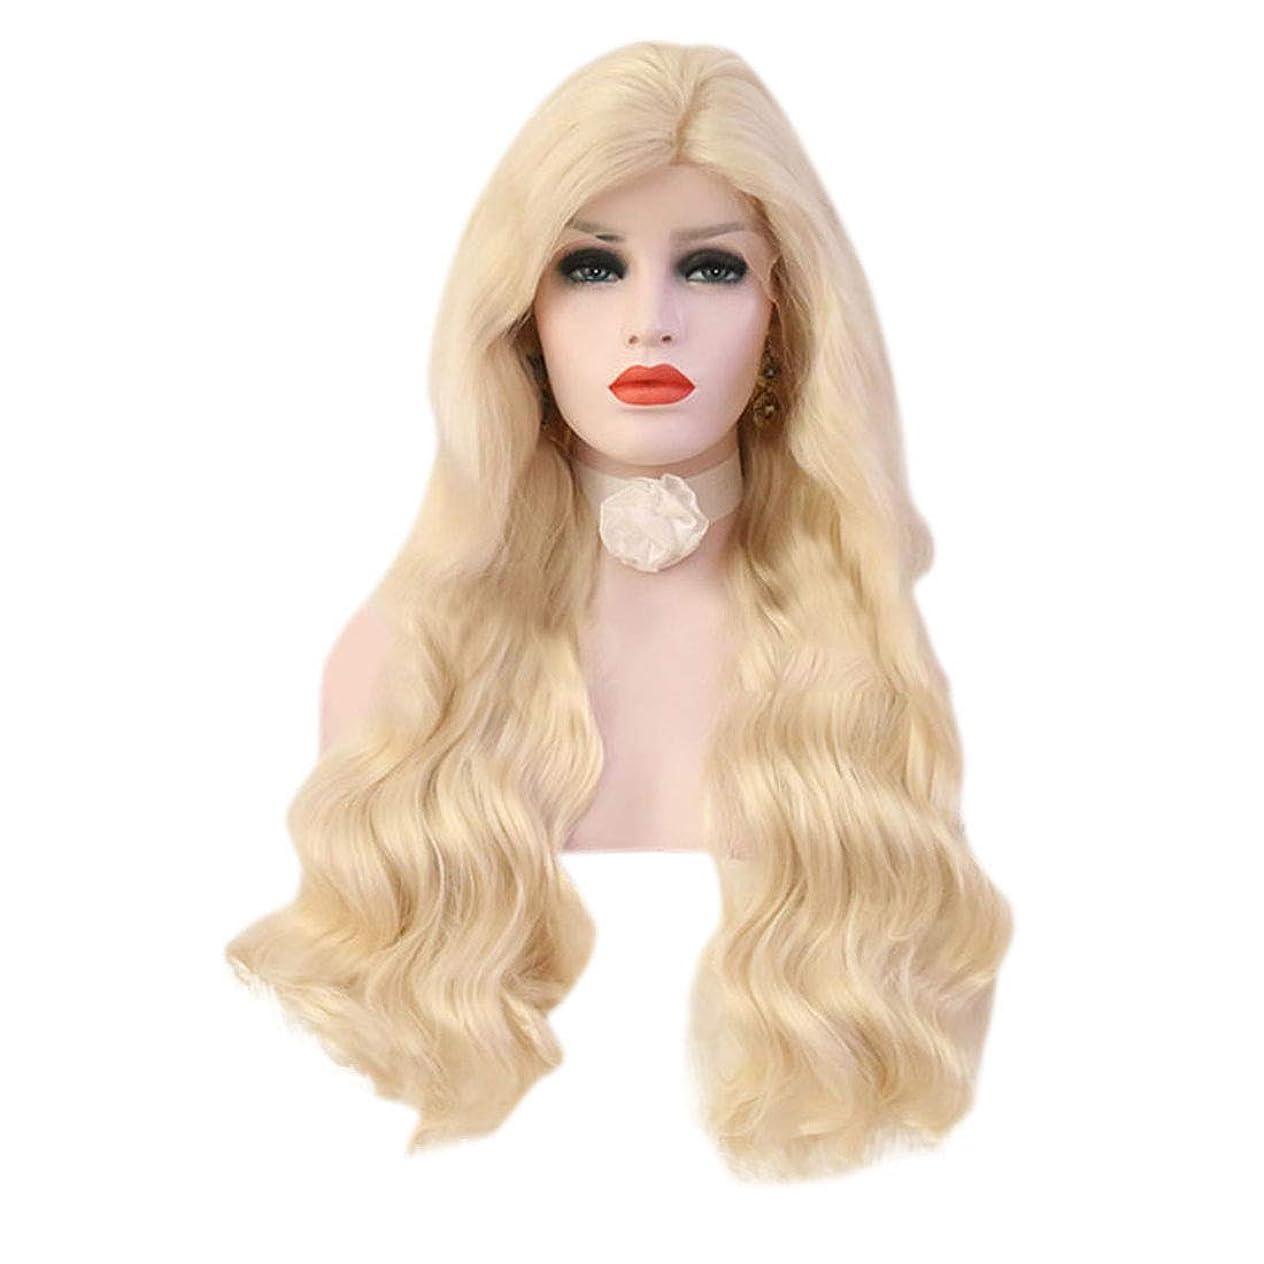 励起オンス羊のYrattary 女性の薄い金の長い巻き毛の大きな波状のトウモロコシの熱い長い髪のかつら合成髪のレースのかつらロールプレイングかつら (色 : Light gold, サイズ : 26 inches)